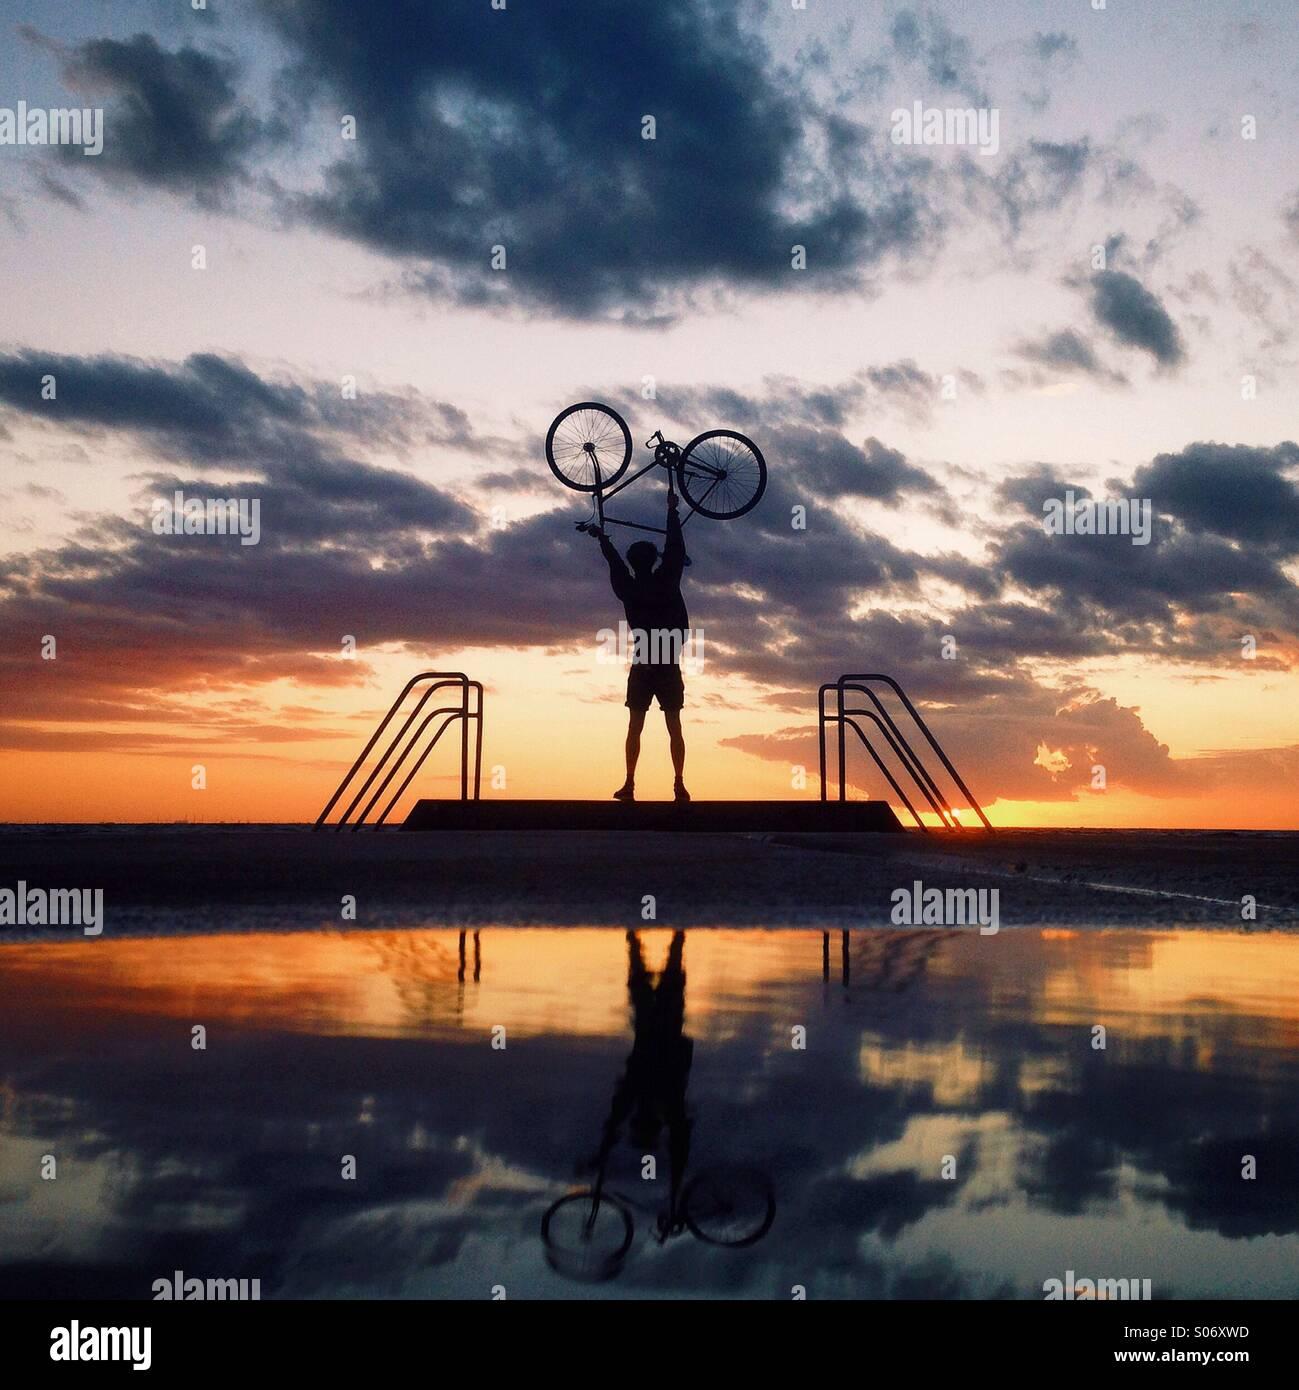 Sonnenuntergang Spiegelung. Stockbild